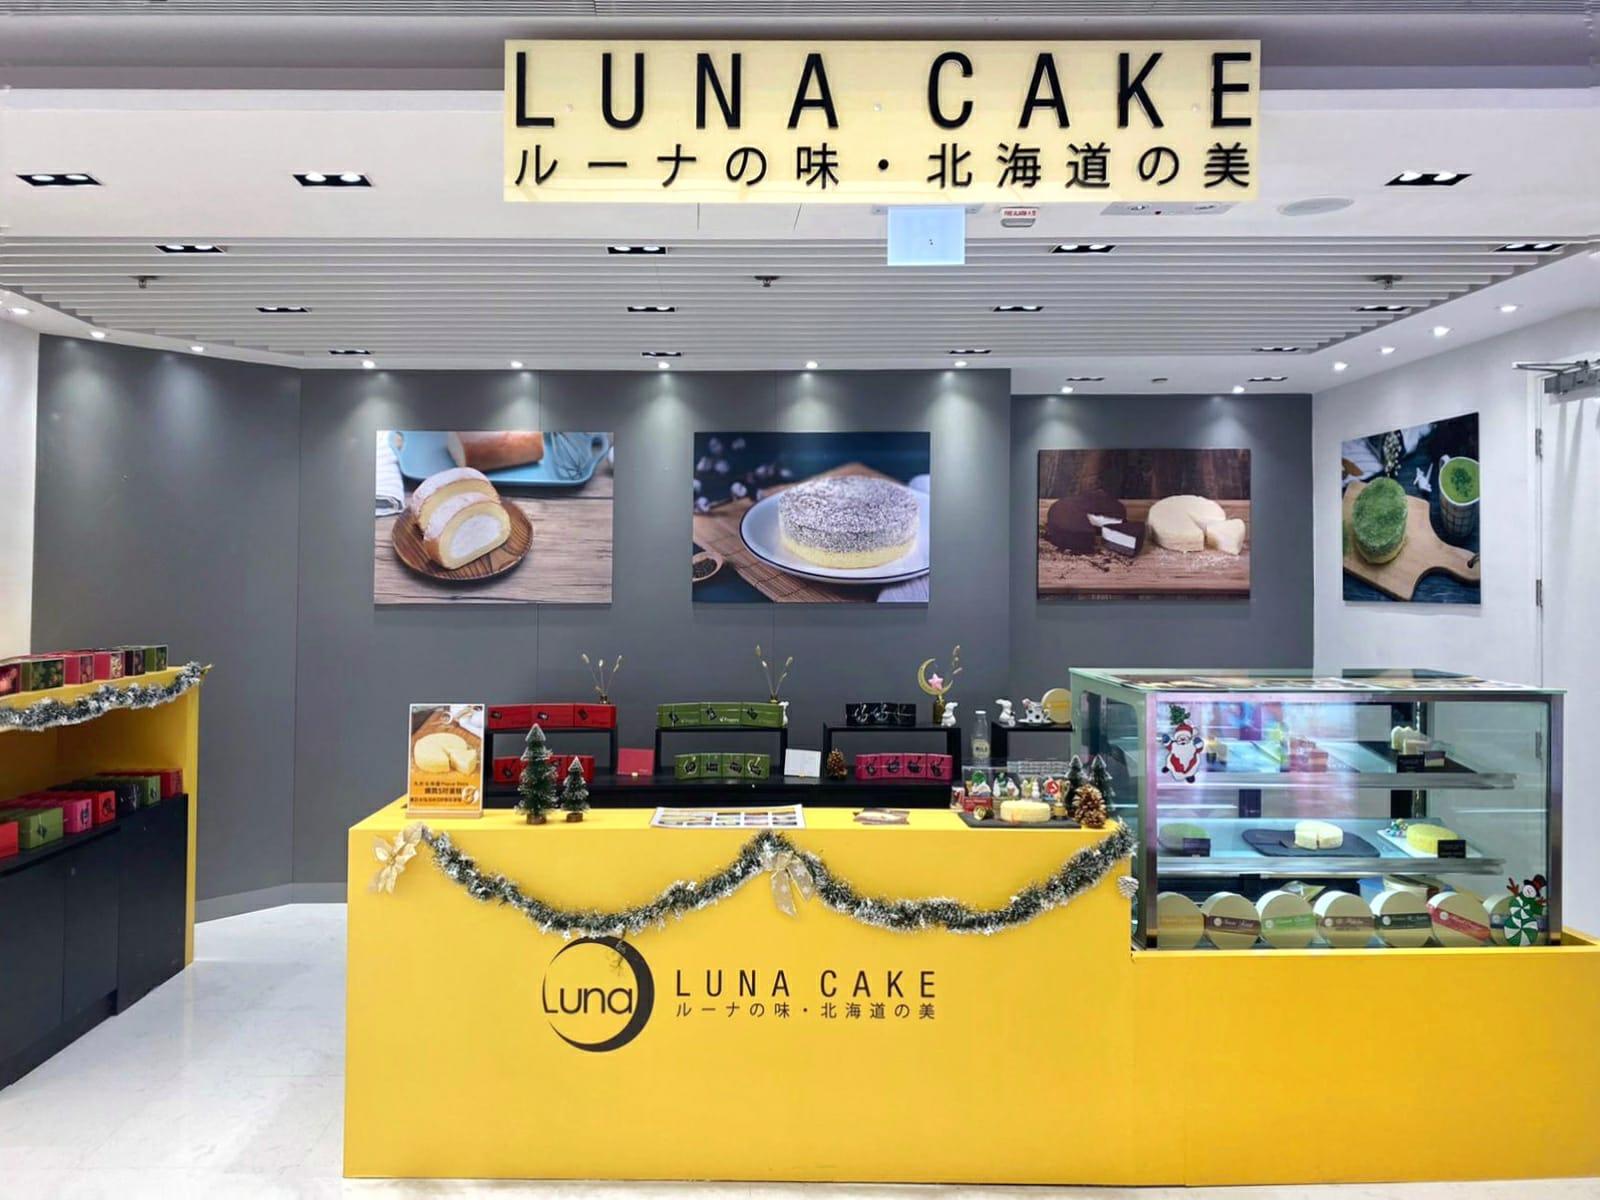 luna-cake-np-2-.jpeg